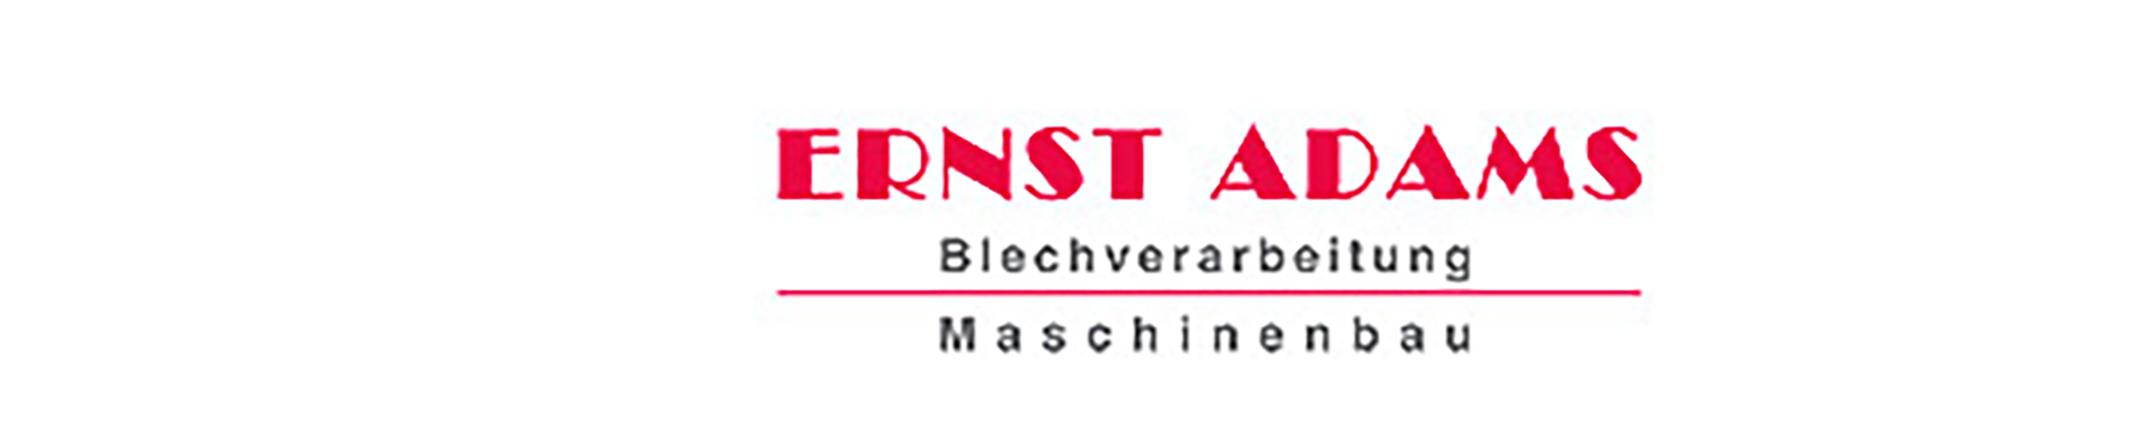 ERNST ADAMS Blechverarbeitung und Maschinenbau